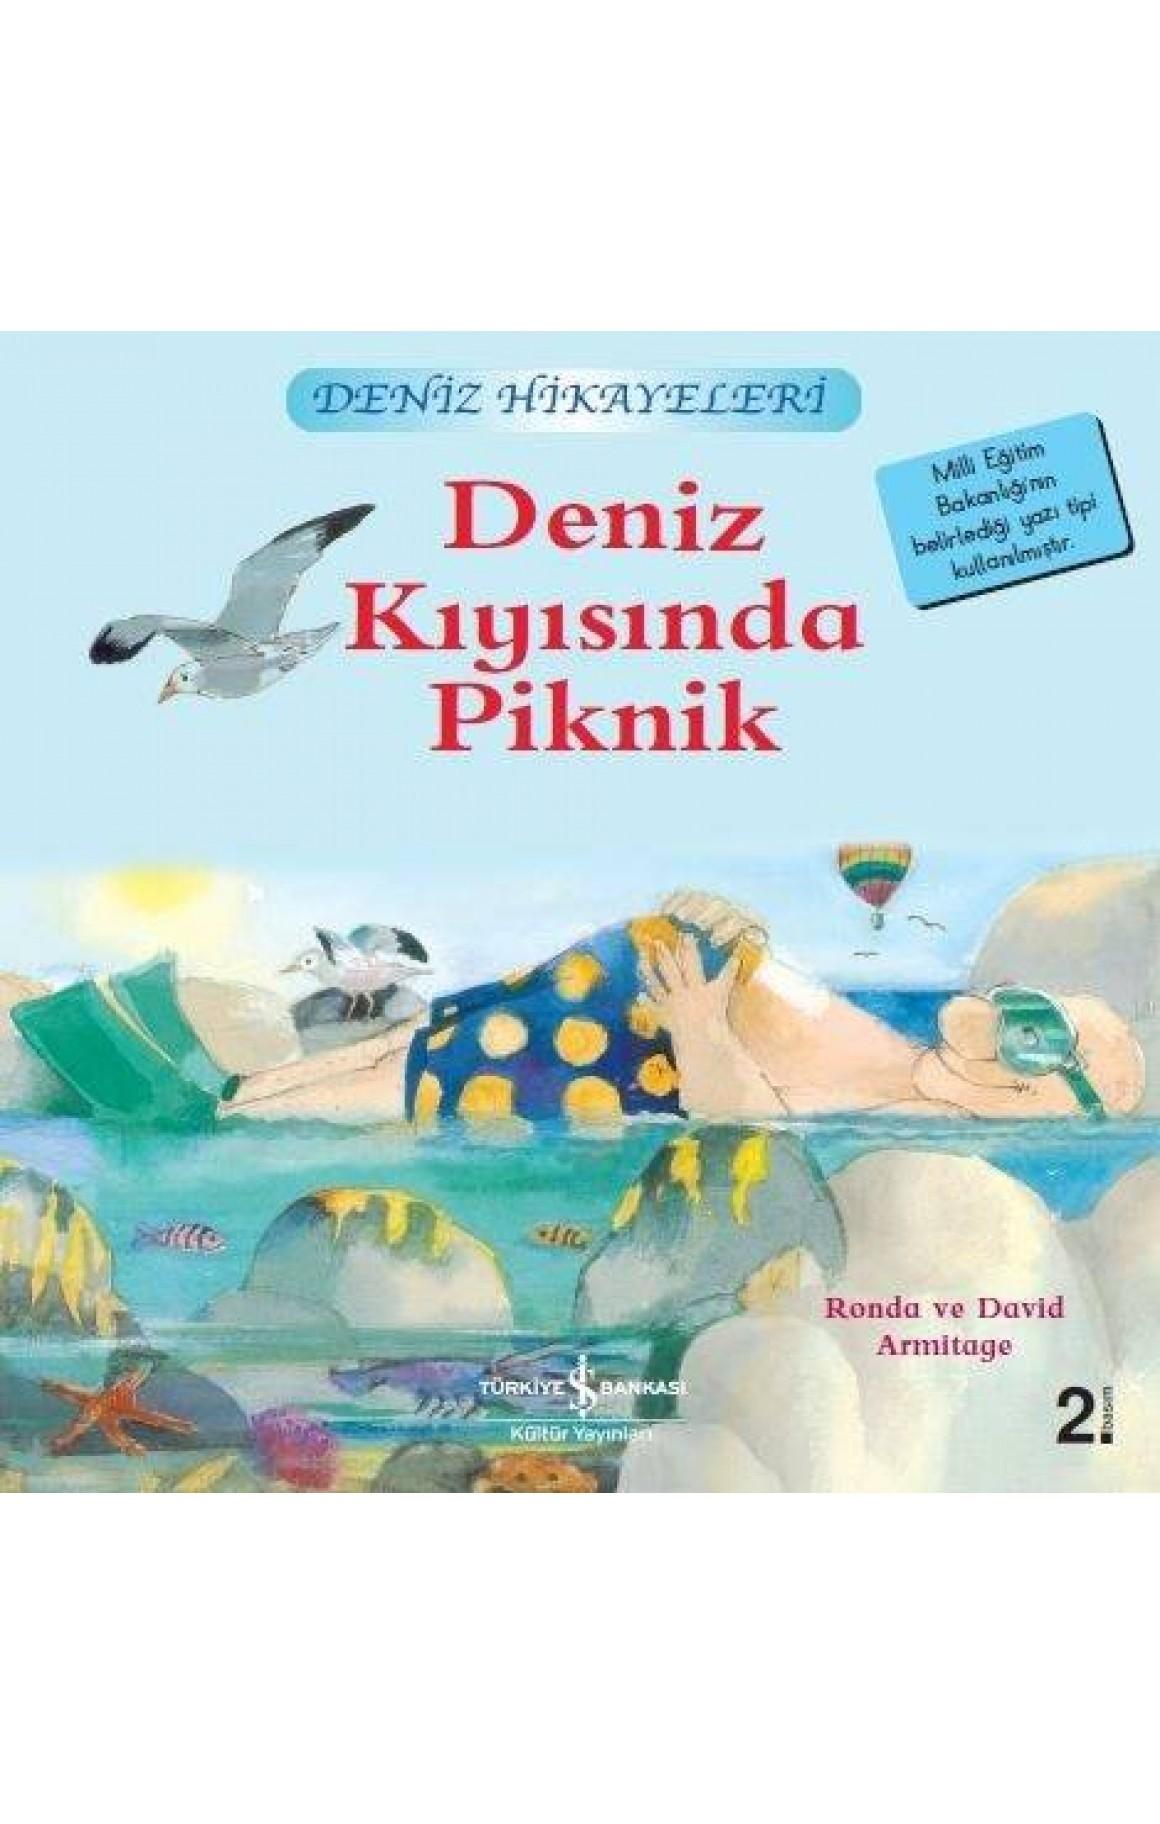 Deniz Kıyısında Piknik-Deniz Hikayeleri-İlk Okuma Kitaplarım